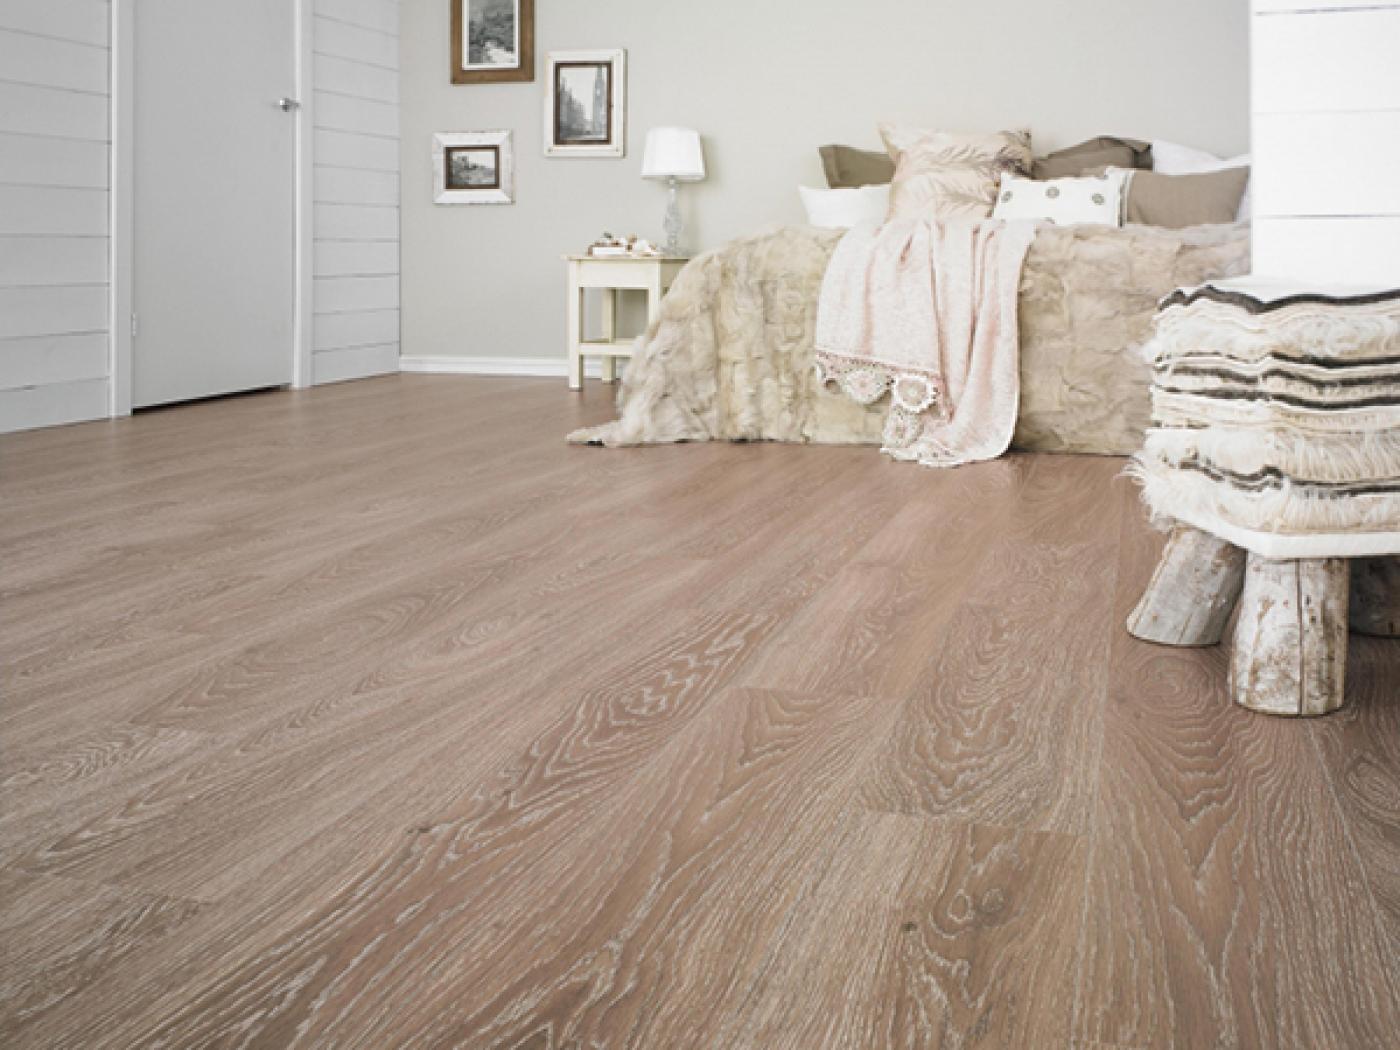 Hogyan tisztítsuk a laminált padlót? - Lakáskultúra magazin